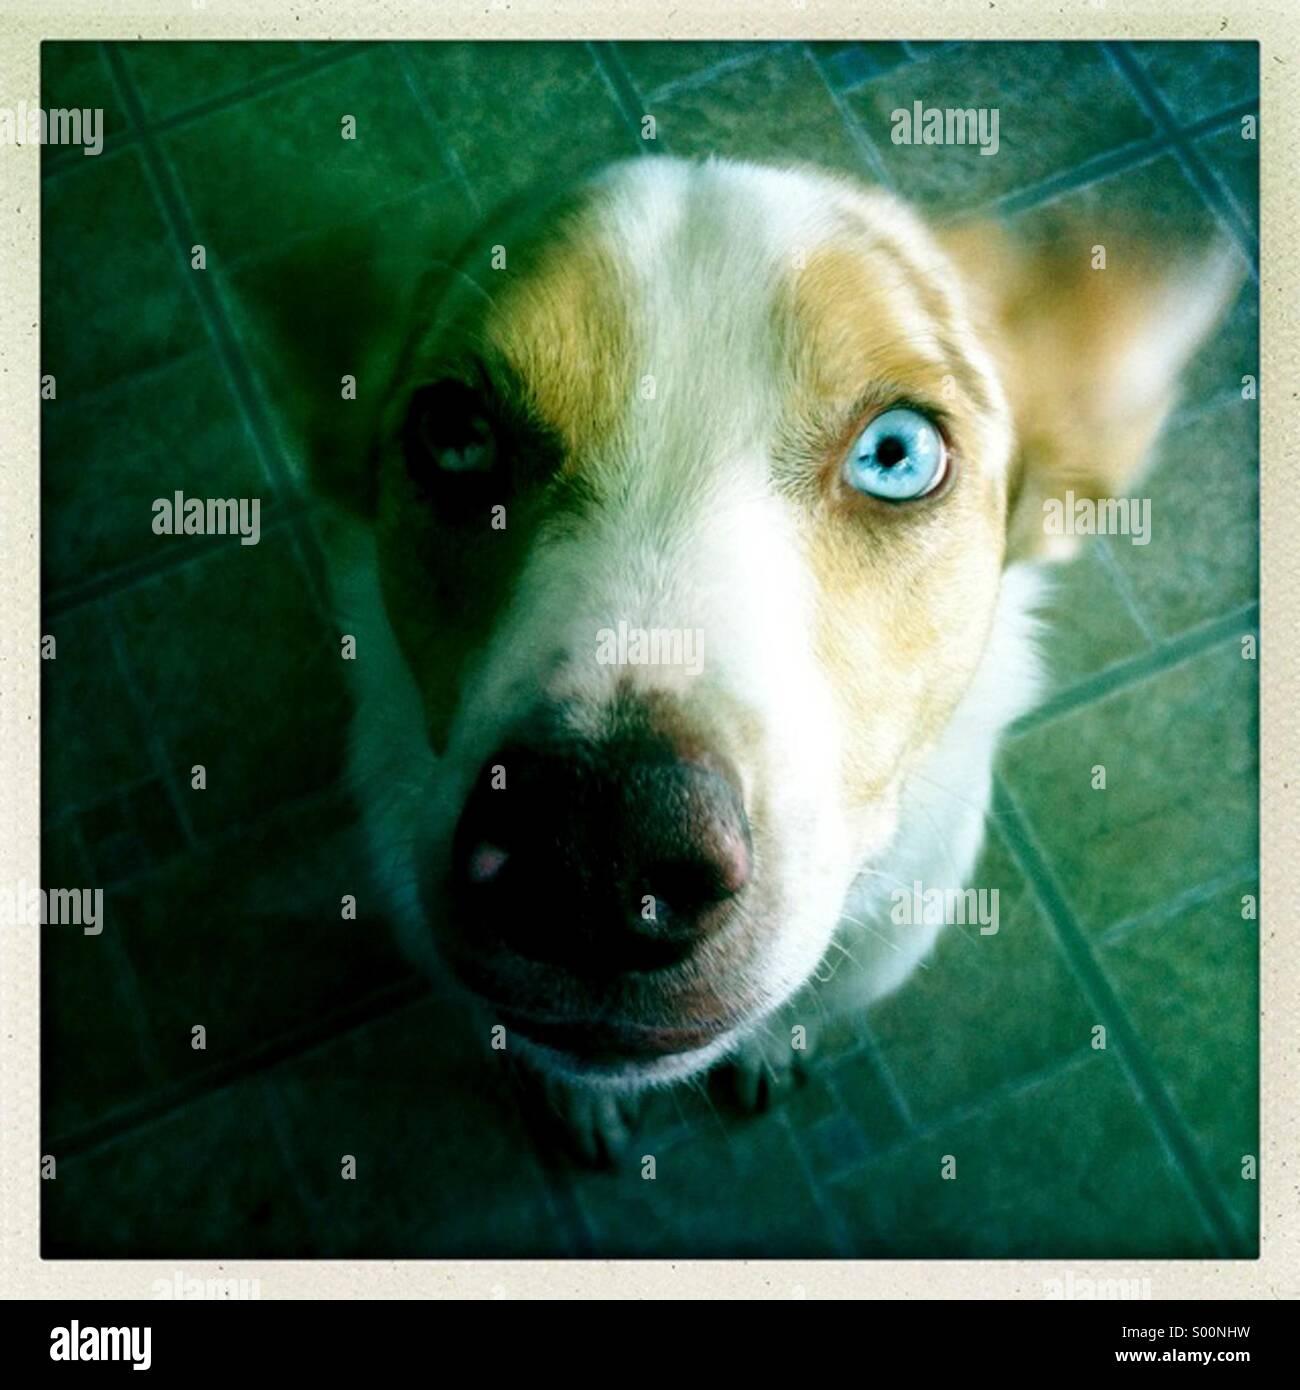 Australian shepherd dog with one bue eye. - Stock Image